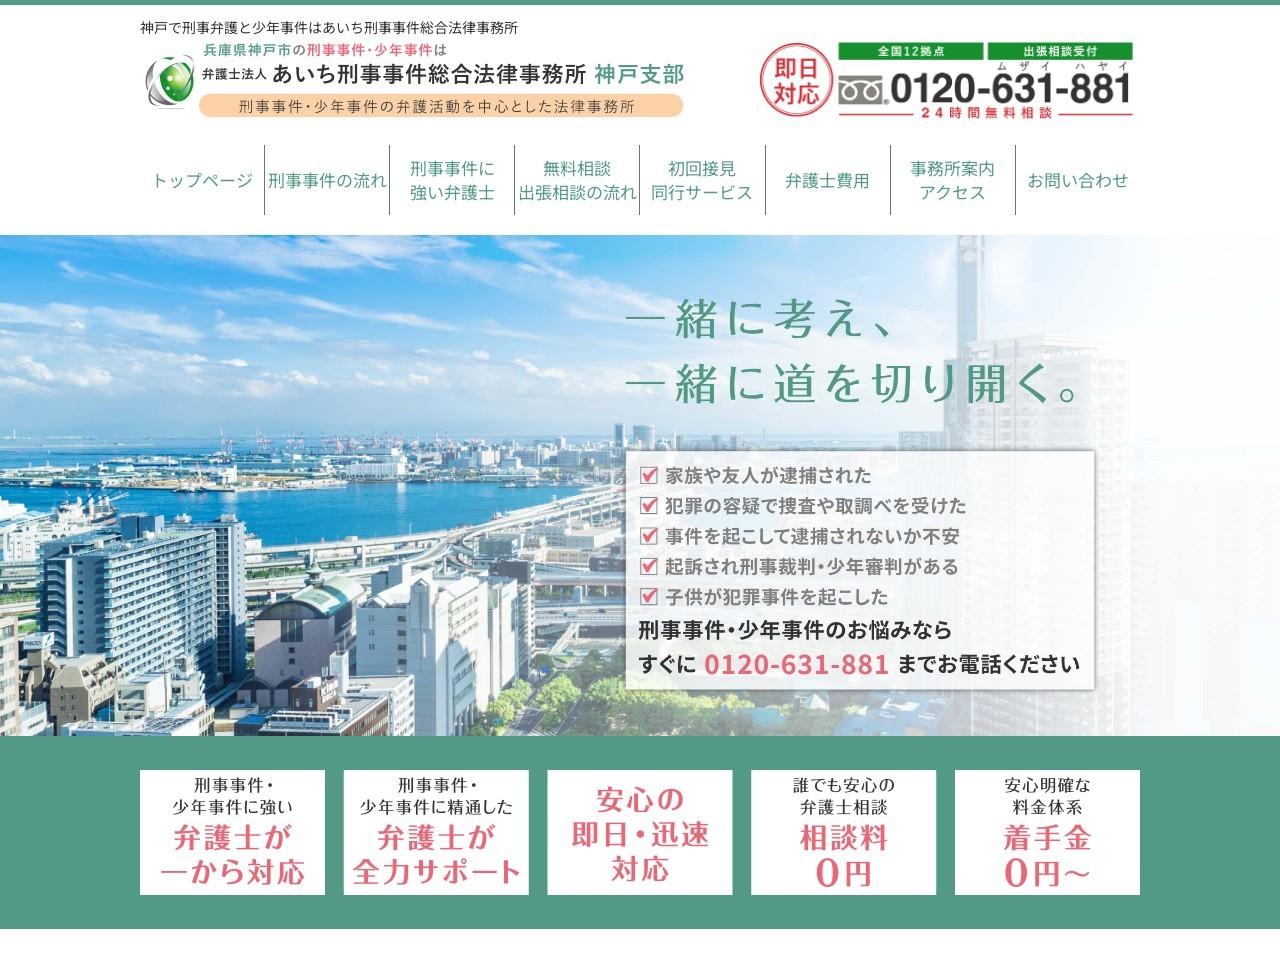 あいち刑事事件総合法律事務所(弁護士法人)神戸支部